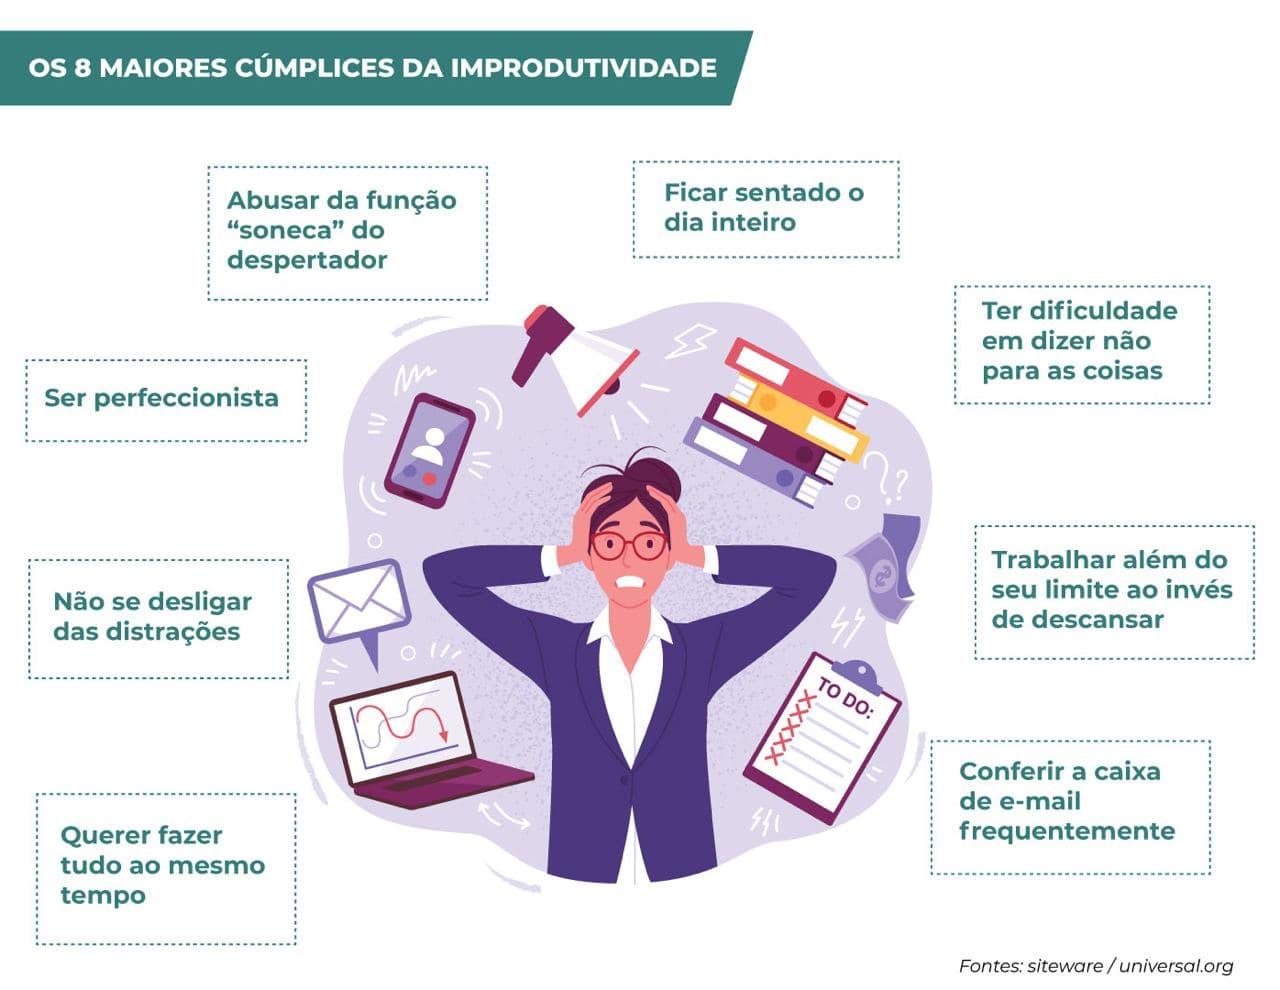 Que passos seguir para ser mais produtivo?